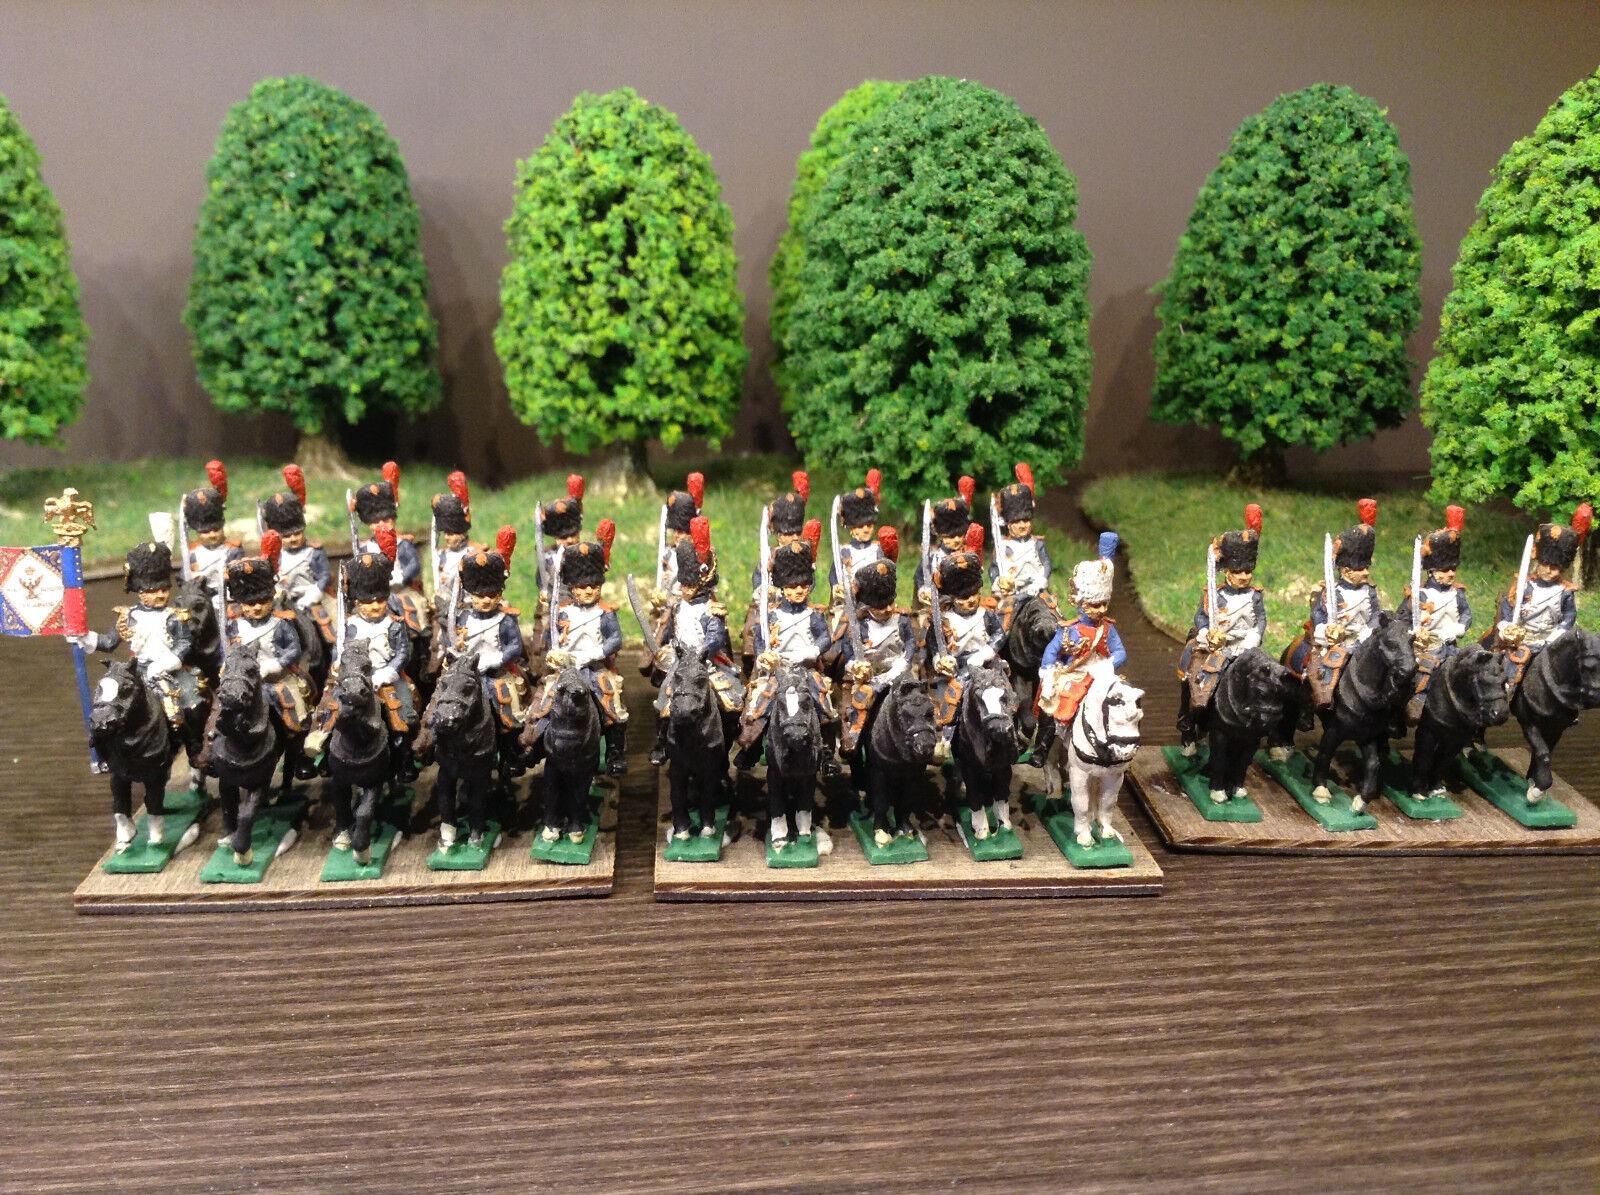 Greandiers à cheval français napoleon AB Figures 15mm peint napoleon français 1er empire 536001